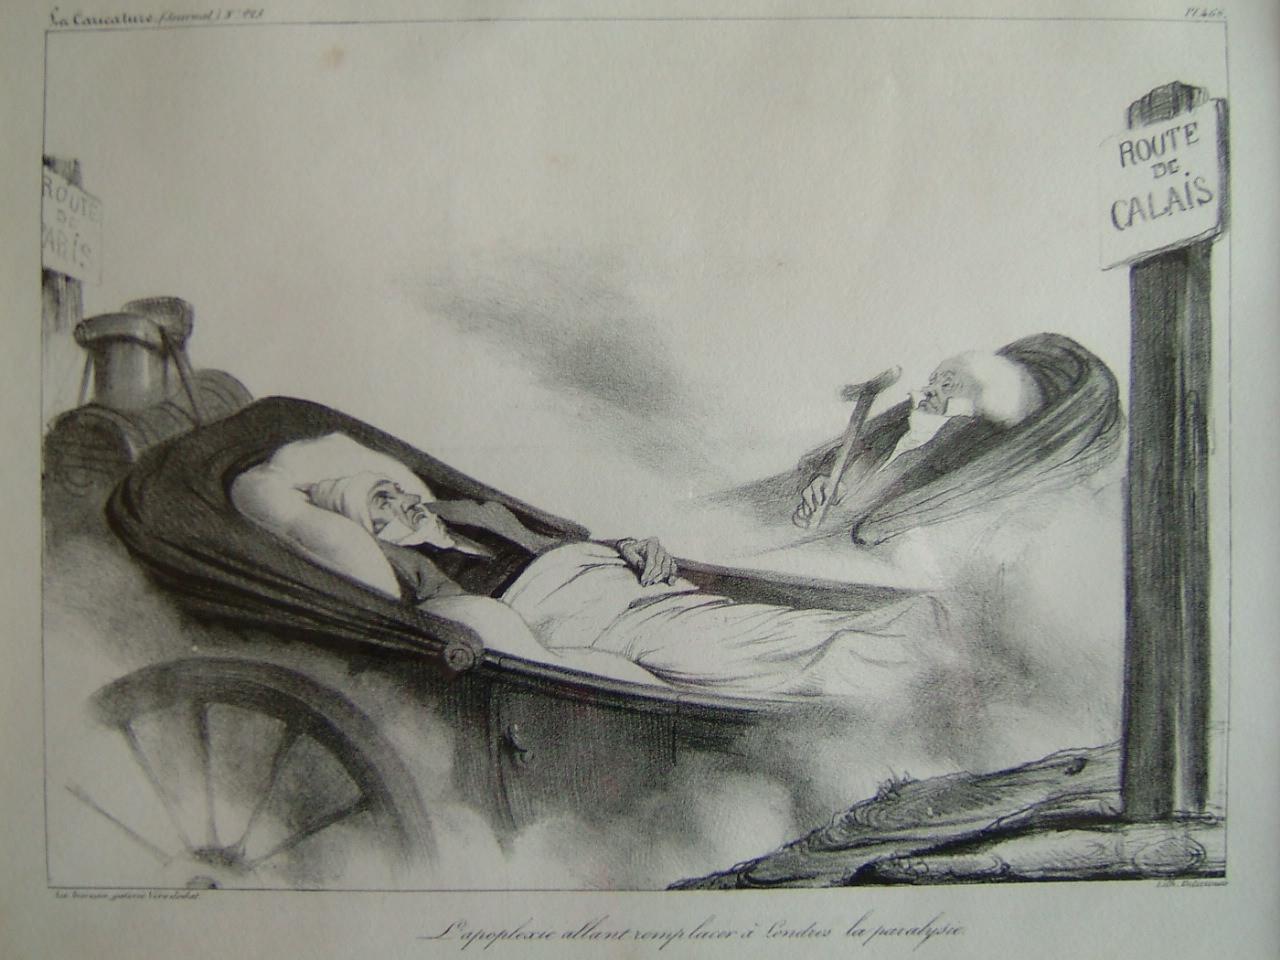 La Caricature (n° 225) : L'apoplexie allant remplacer à Londres la paralysie; le Général Sebastiani remplacant Talleyrand comme ambassadeur à Londres 7 janvier 1835_0